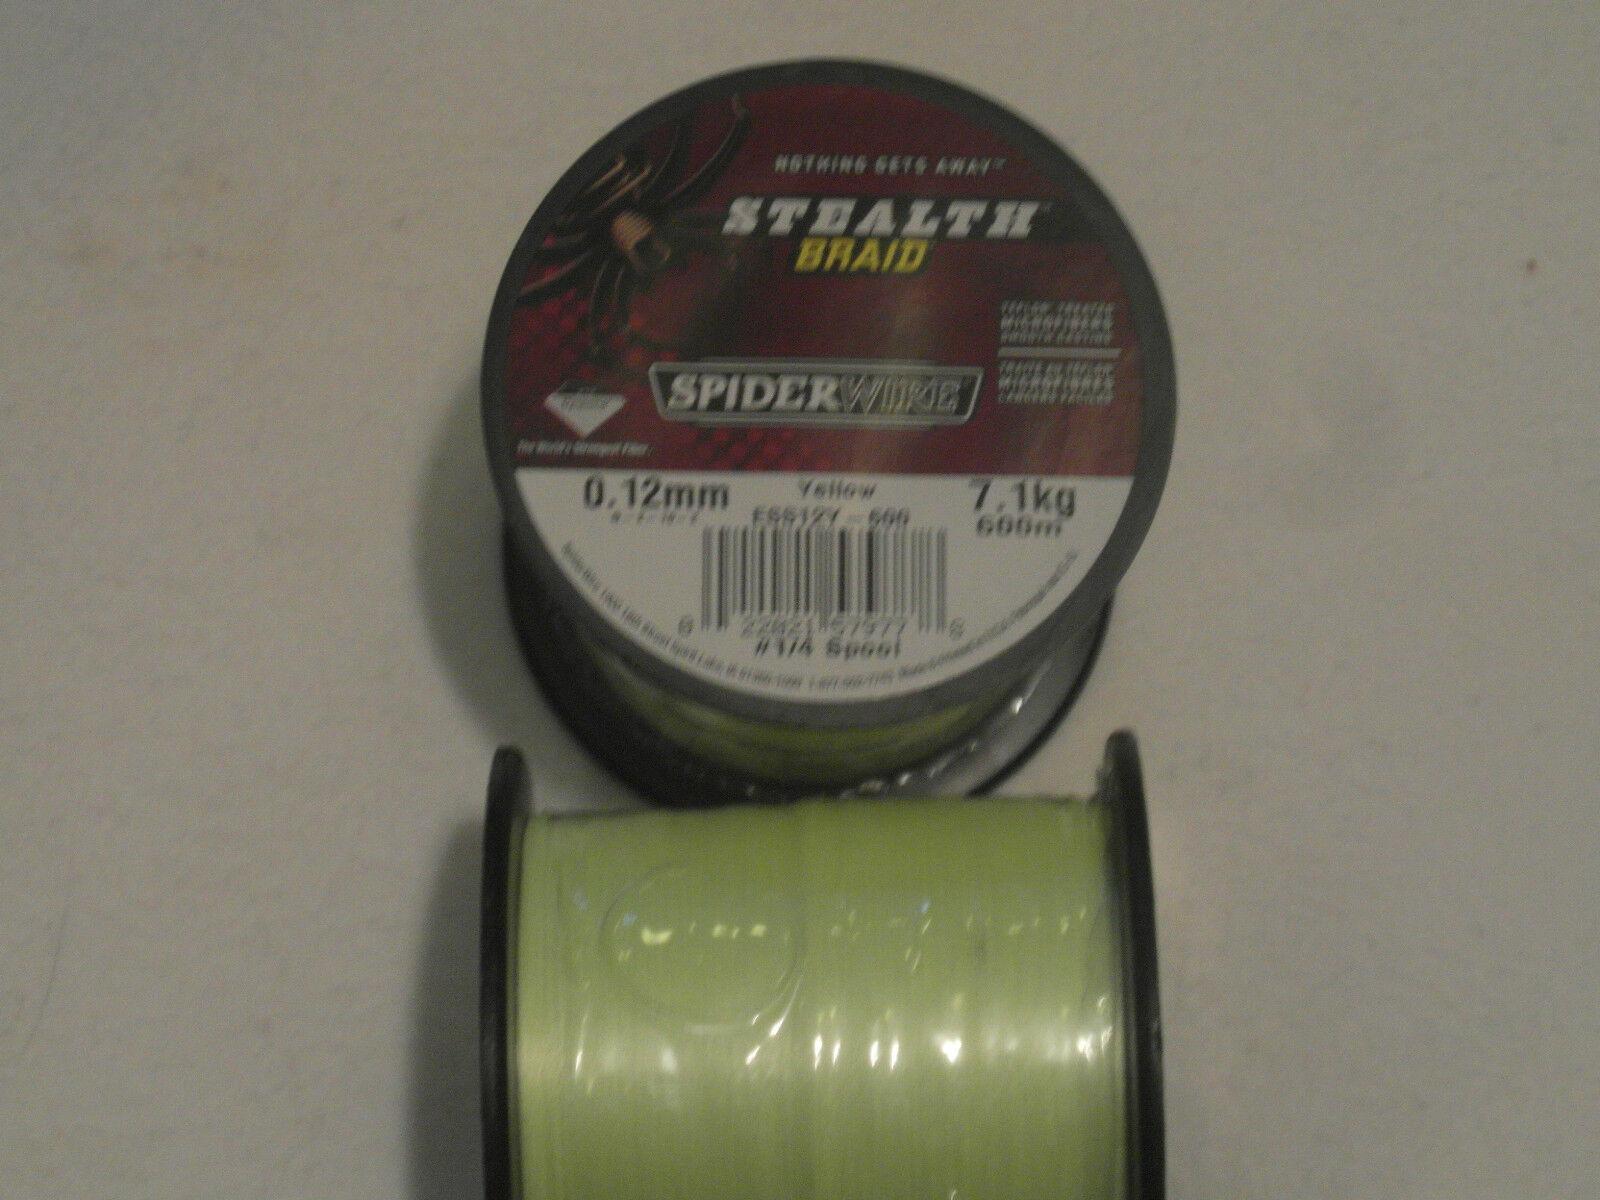 SPIDERWIRE STEALTH BRAID 600m-012mm-7,1 kg-GELB